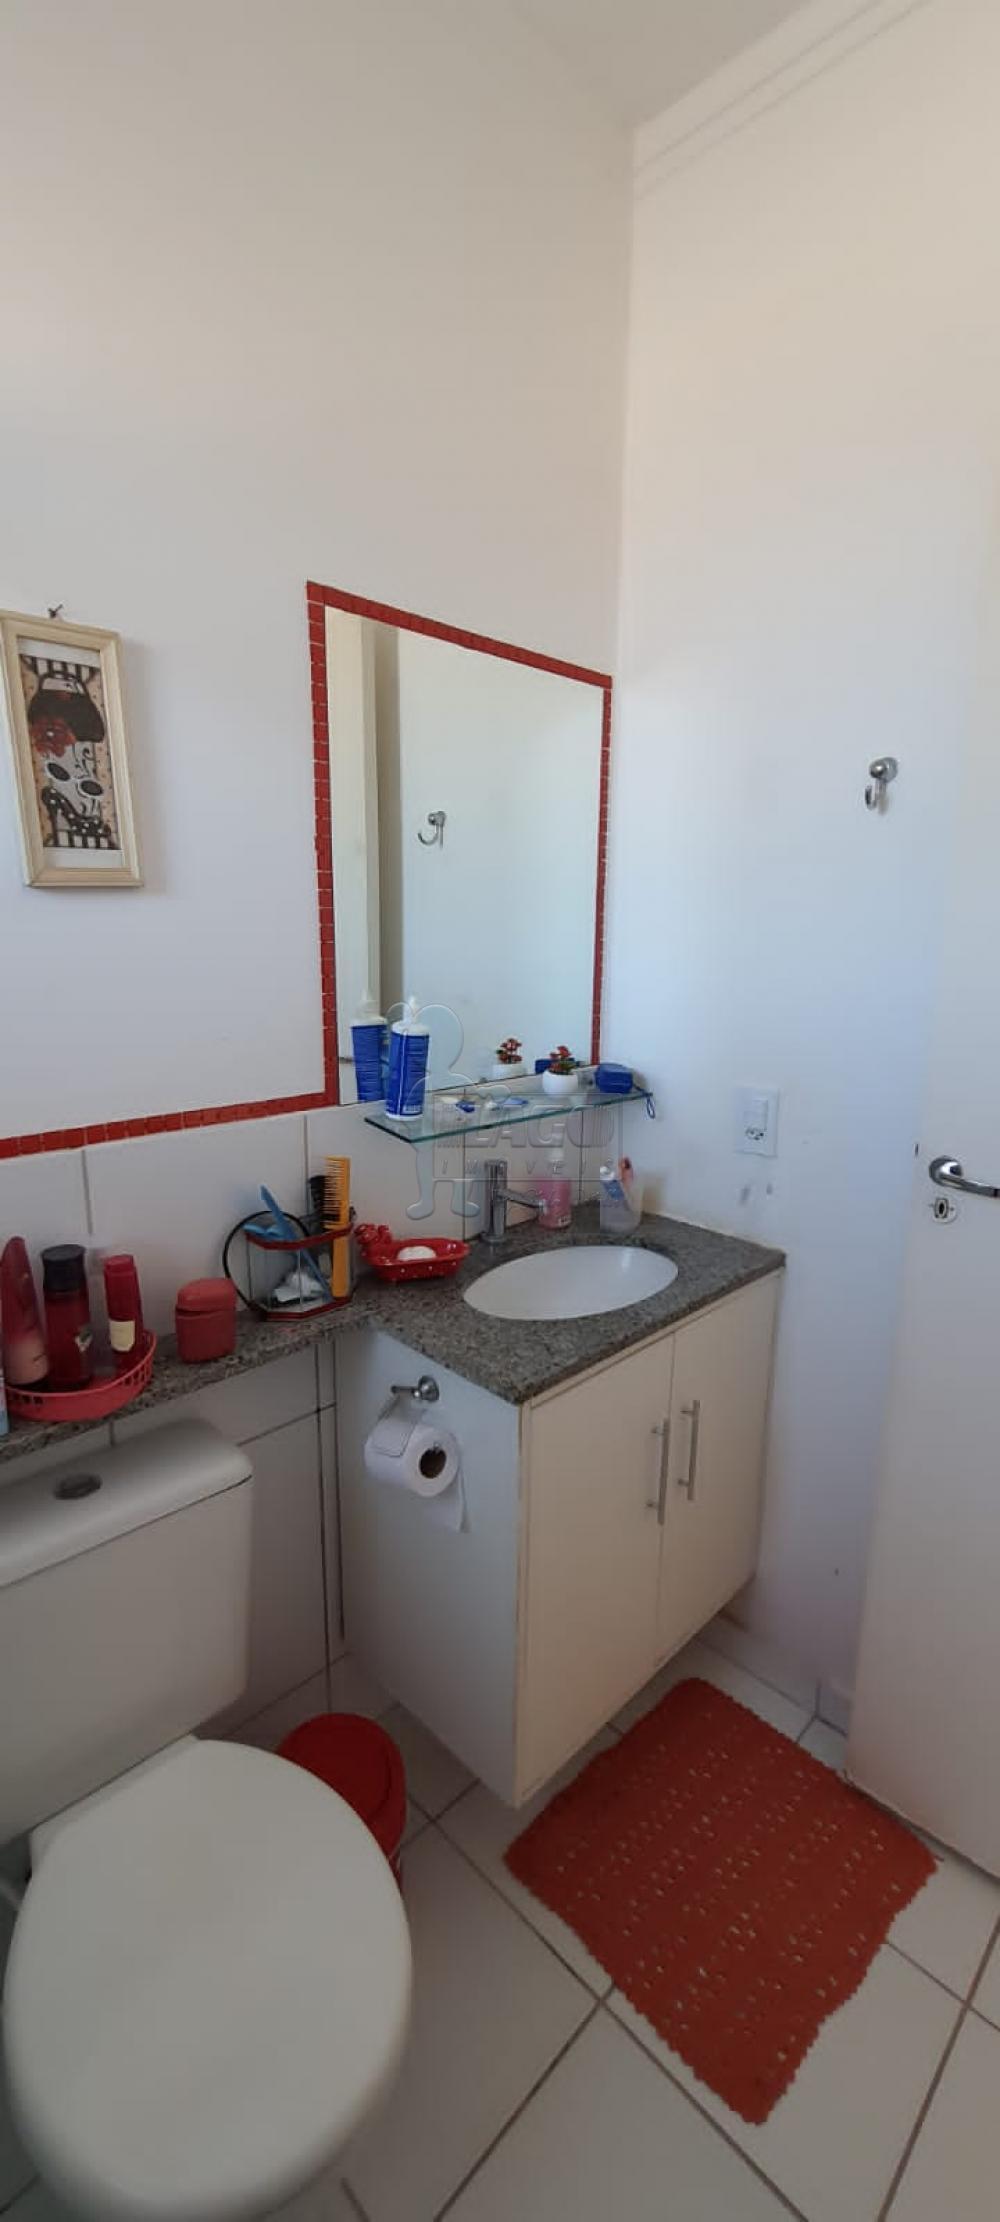 Comprar Casas / Condomínio em Ribeirão Preto R$ 530.000,00 - Foto 21